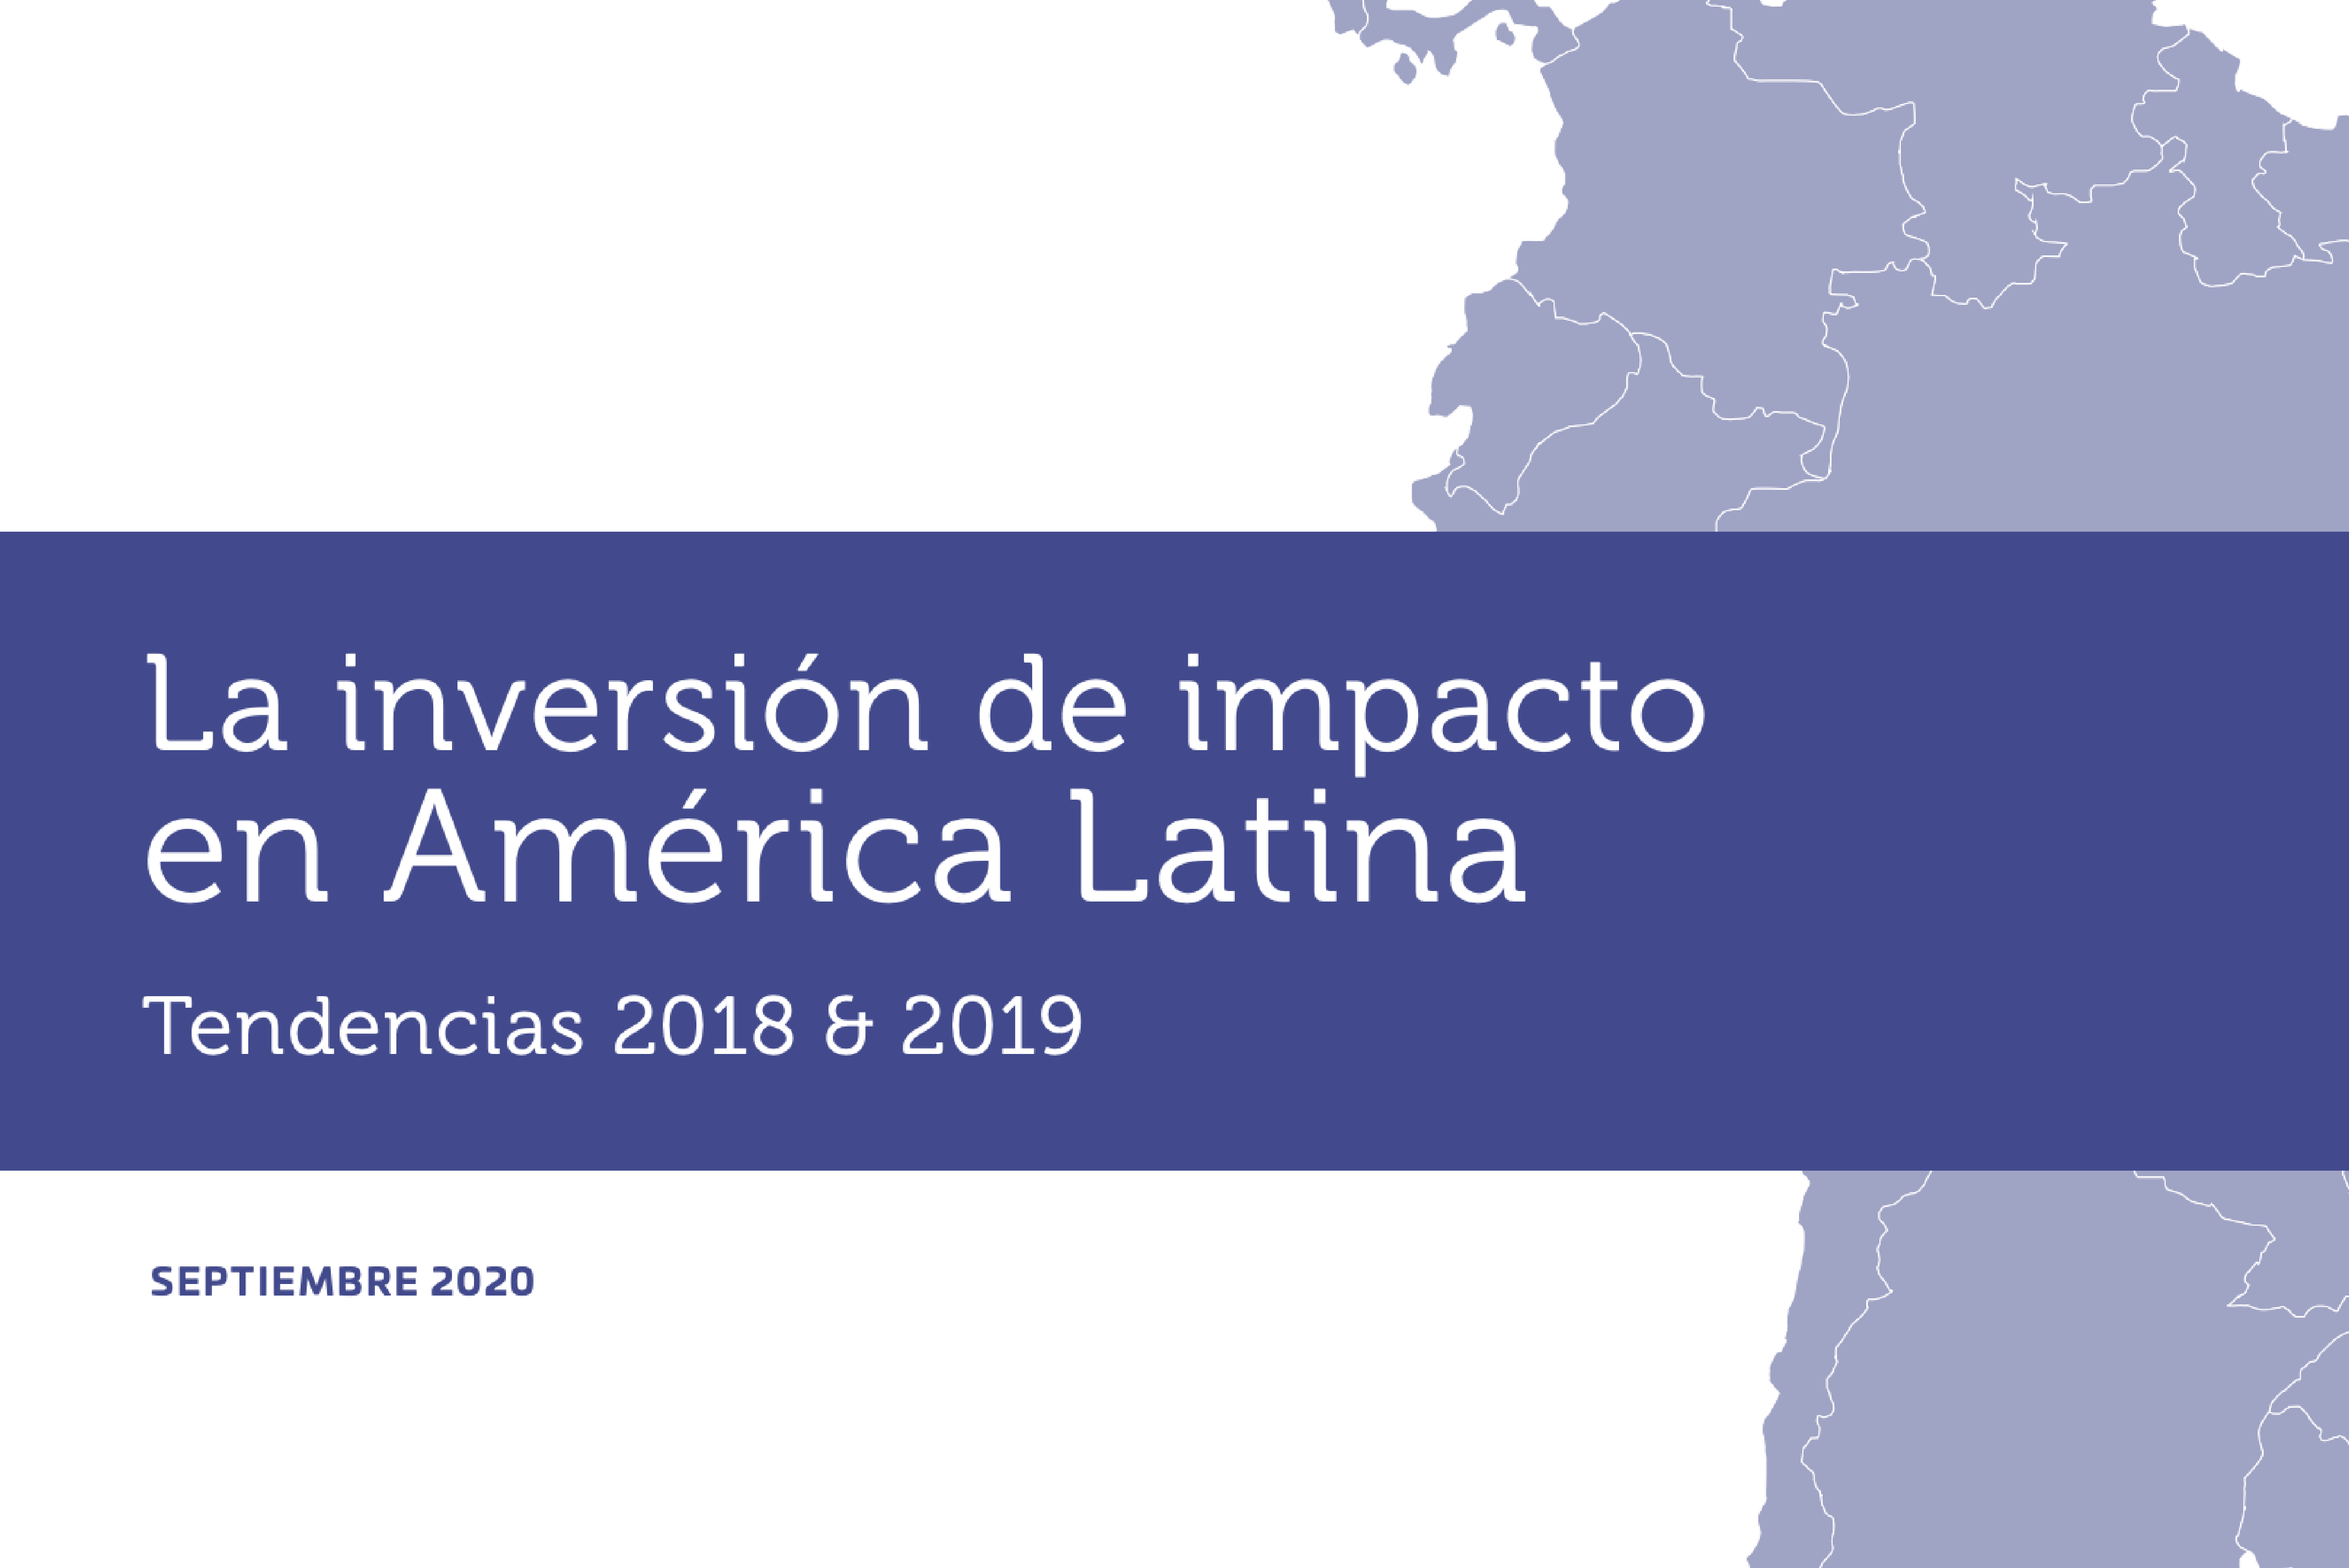 La Inversión de Impacto en América Latina: Tendencias 2018 y 2019